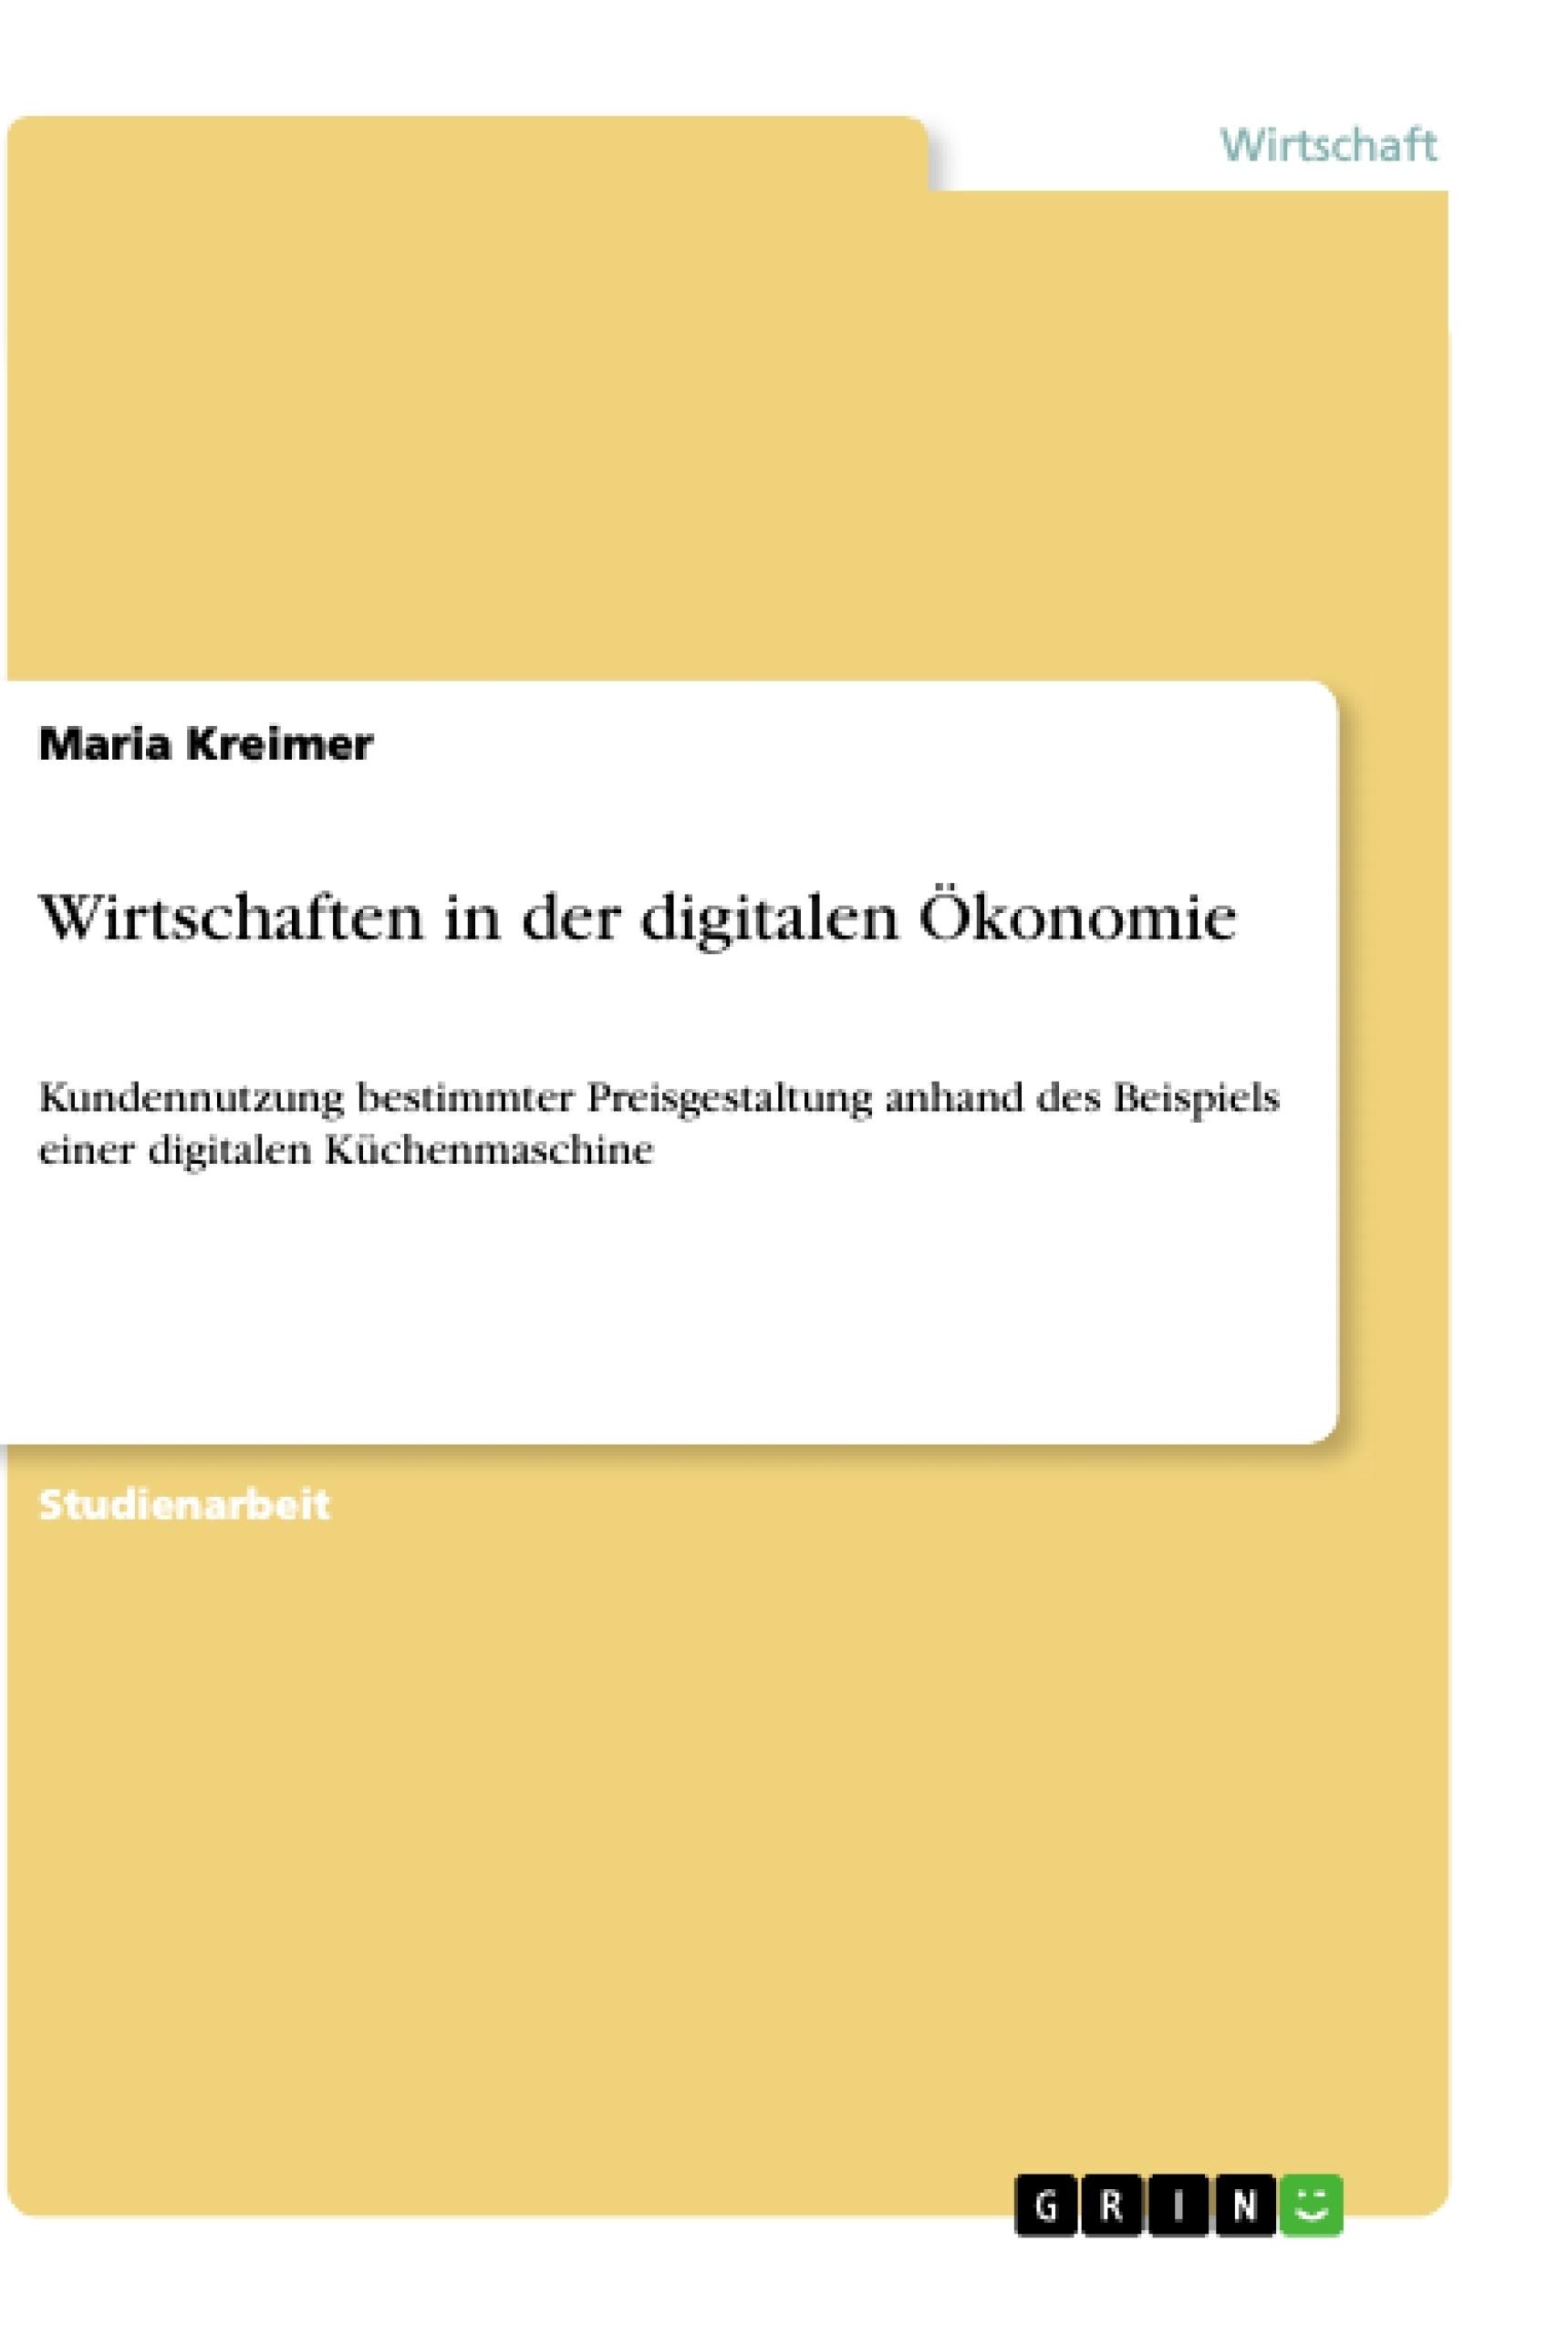 Titel: Wirtschaften in der digitalen Ökonomie